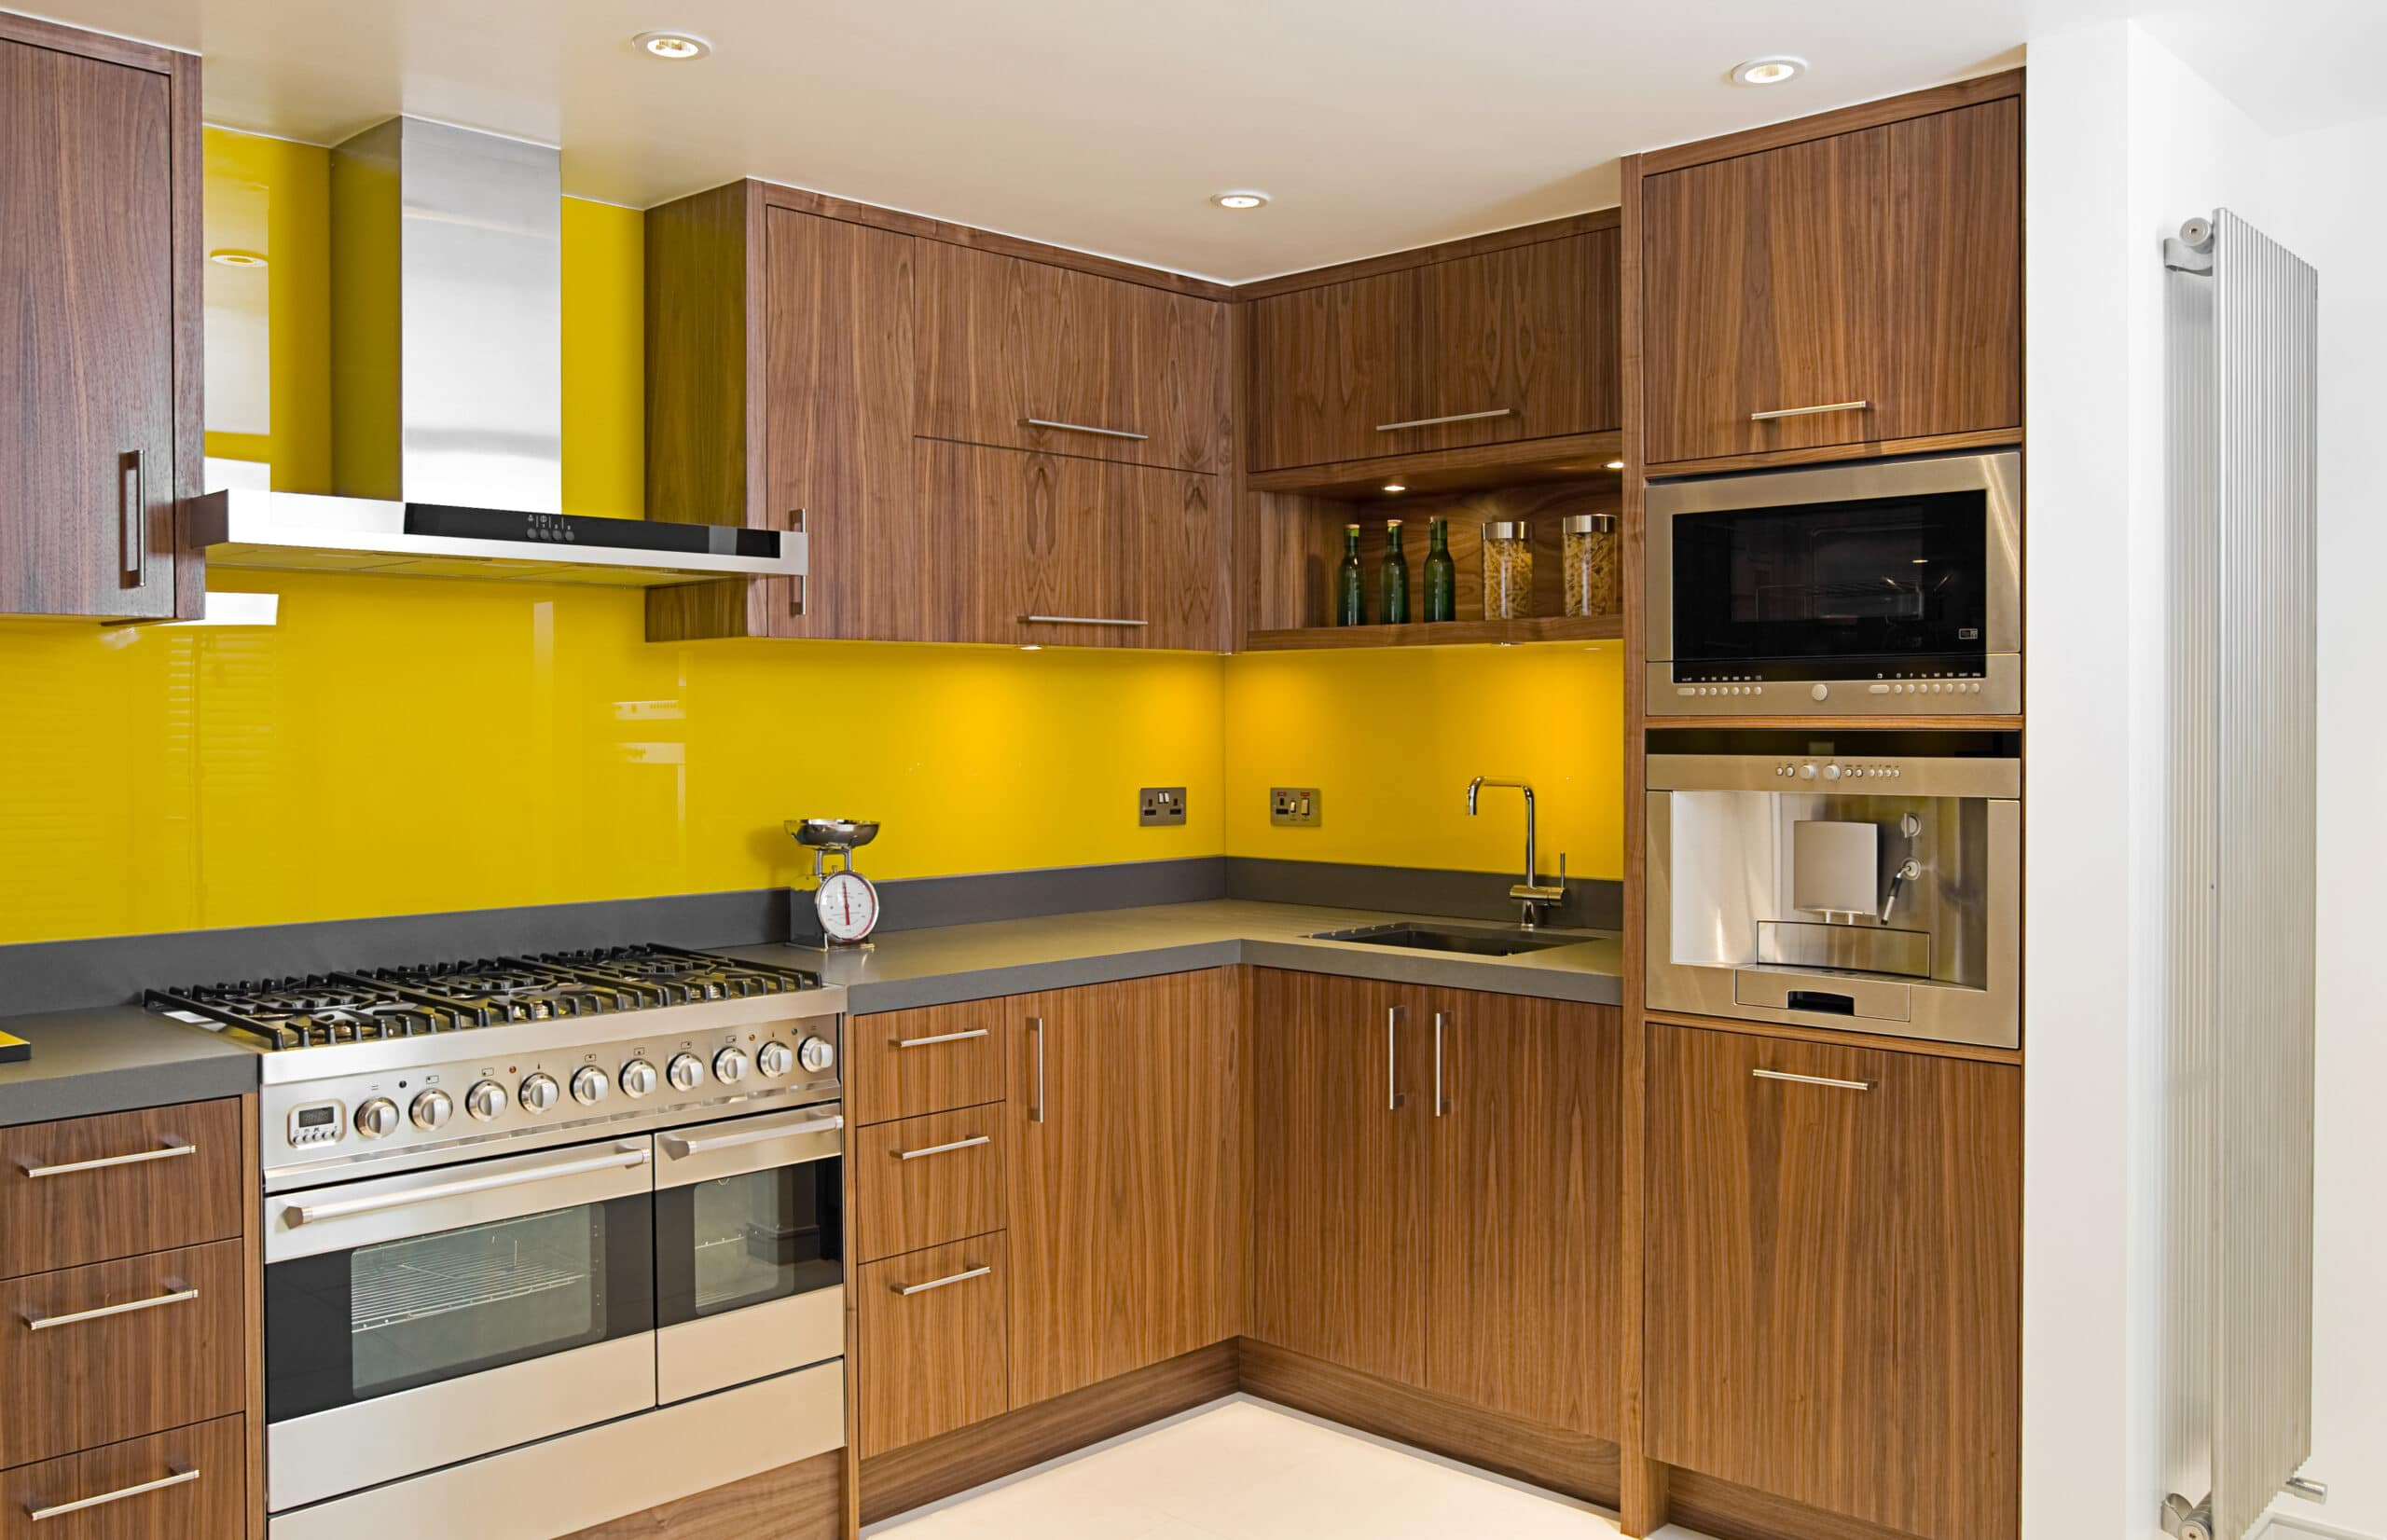 מטבחים מעץ רשתות מוכרות לעיצוב והרכבת מטבחים בעלי ניסיון עם הרבה וותק שיודעים להתאים מטבחים מתאימים לכל לקוח במקביל לשימוש בחומרים מעולים